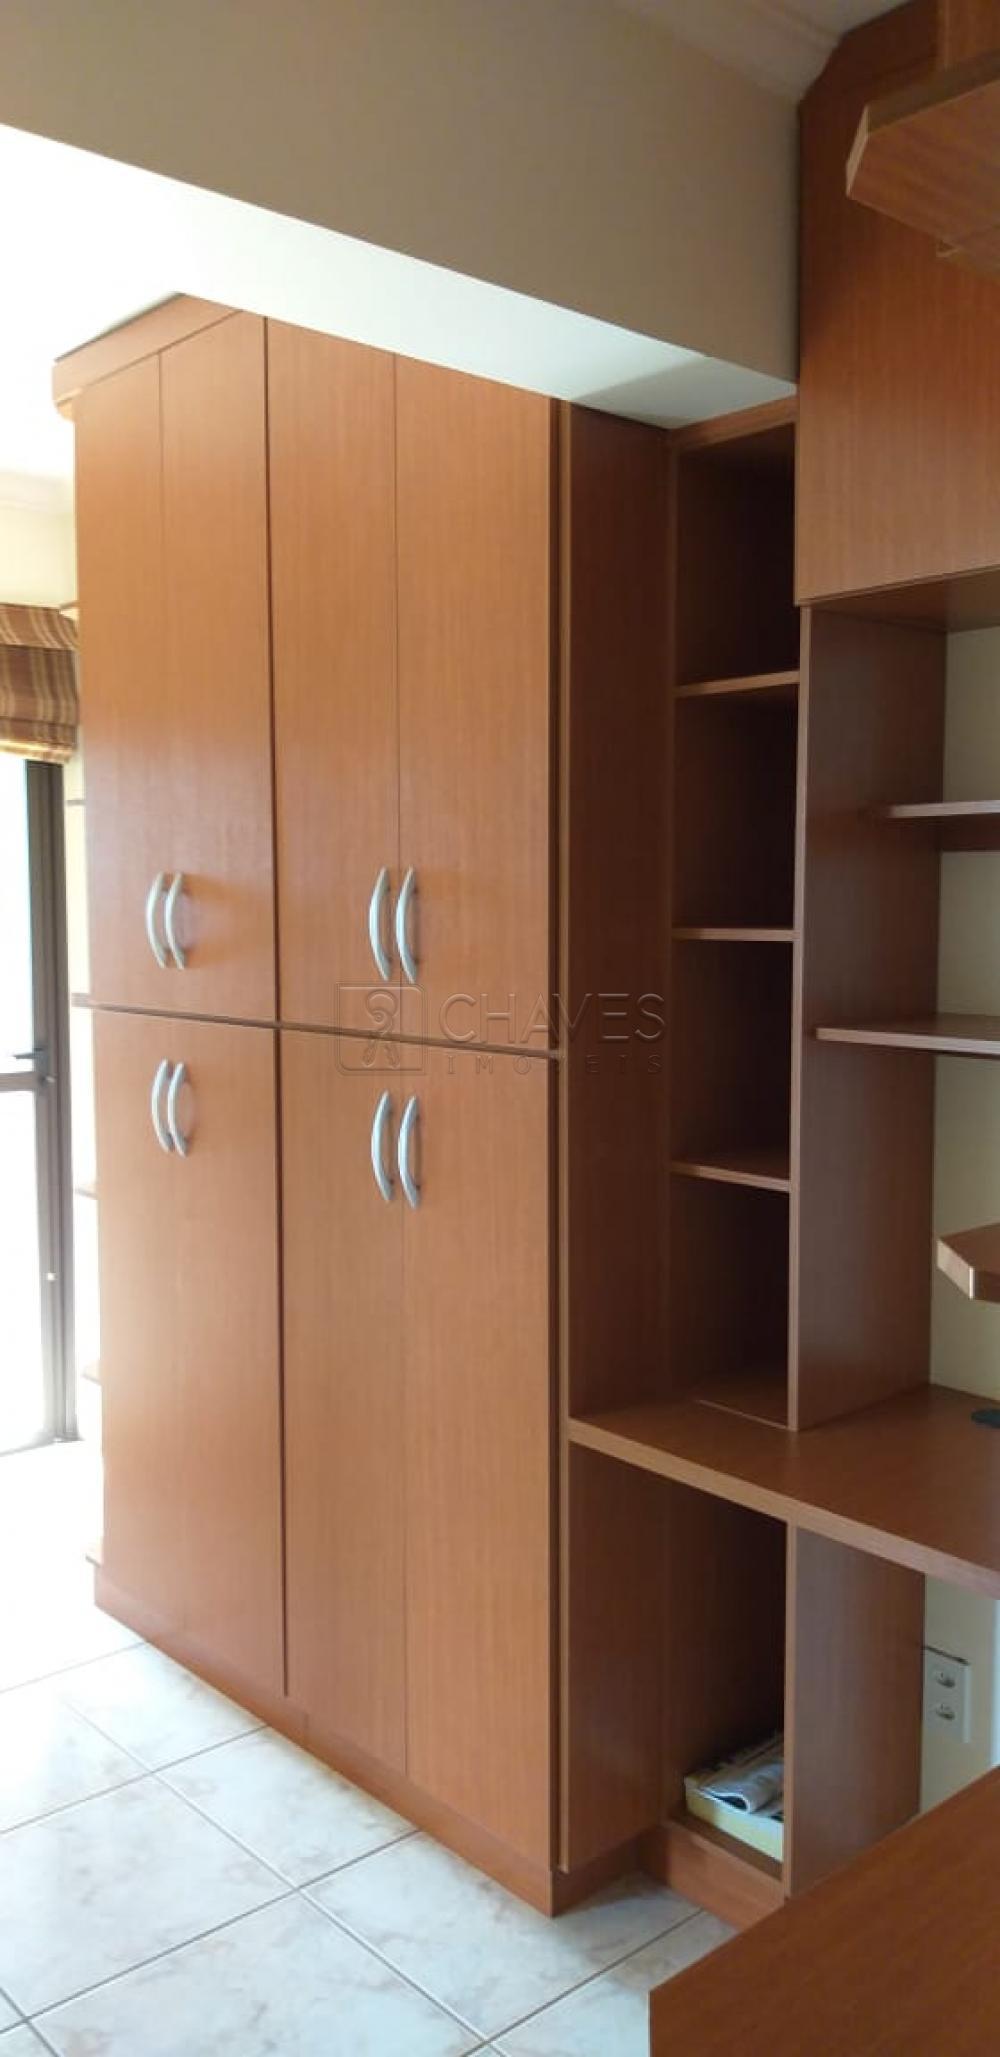 Alugar Apartamento / Padrão em Ribeirão Preto apenas R$ 1.512,00 - Foto 19